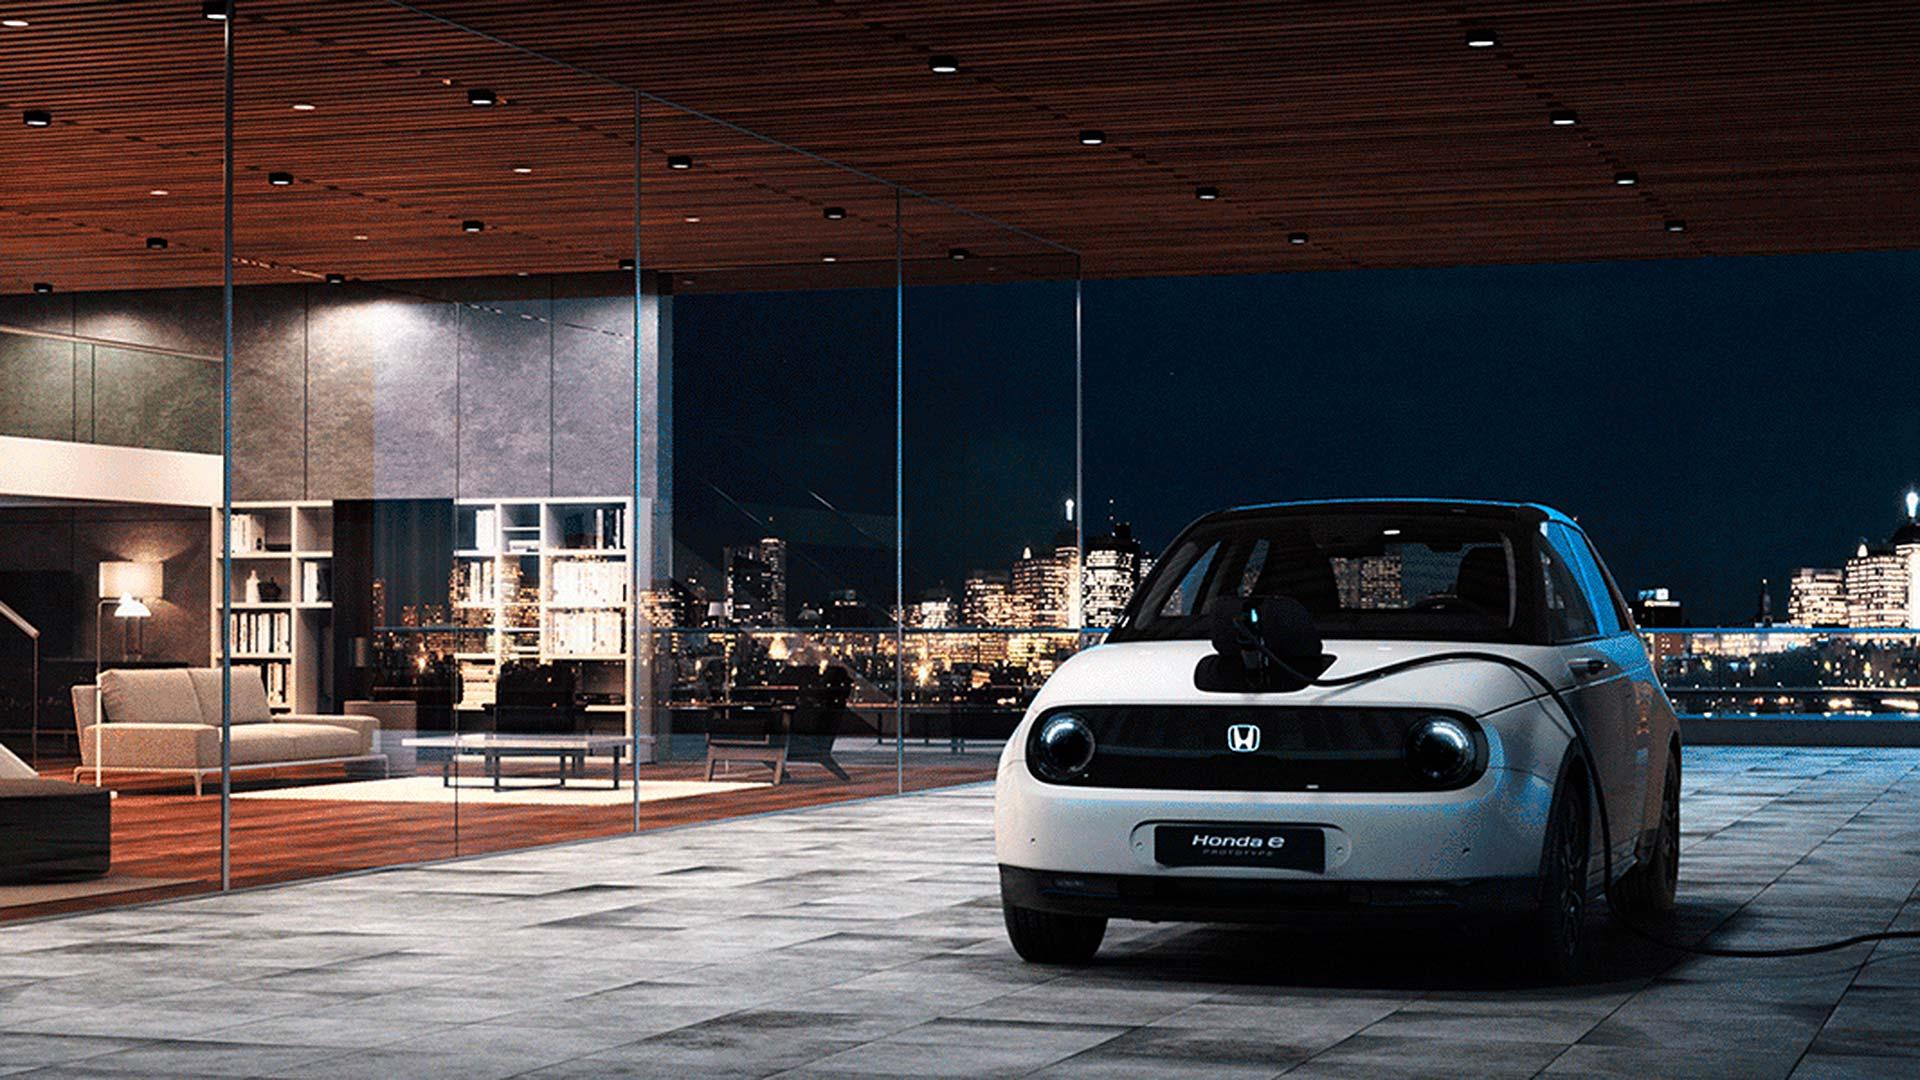 Honda e electric city car